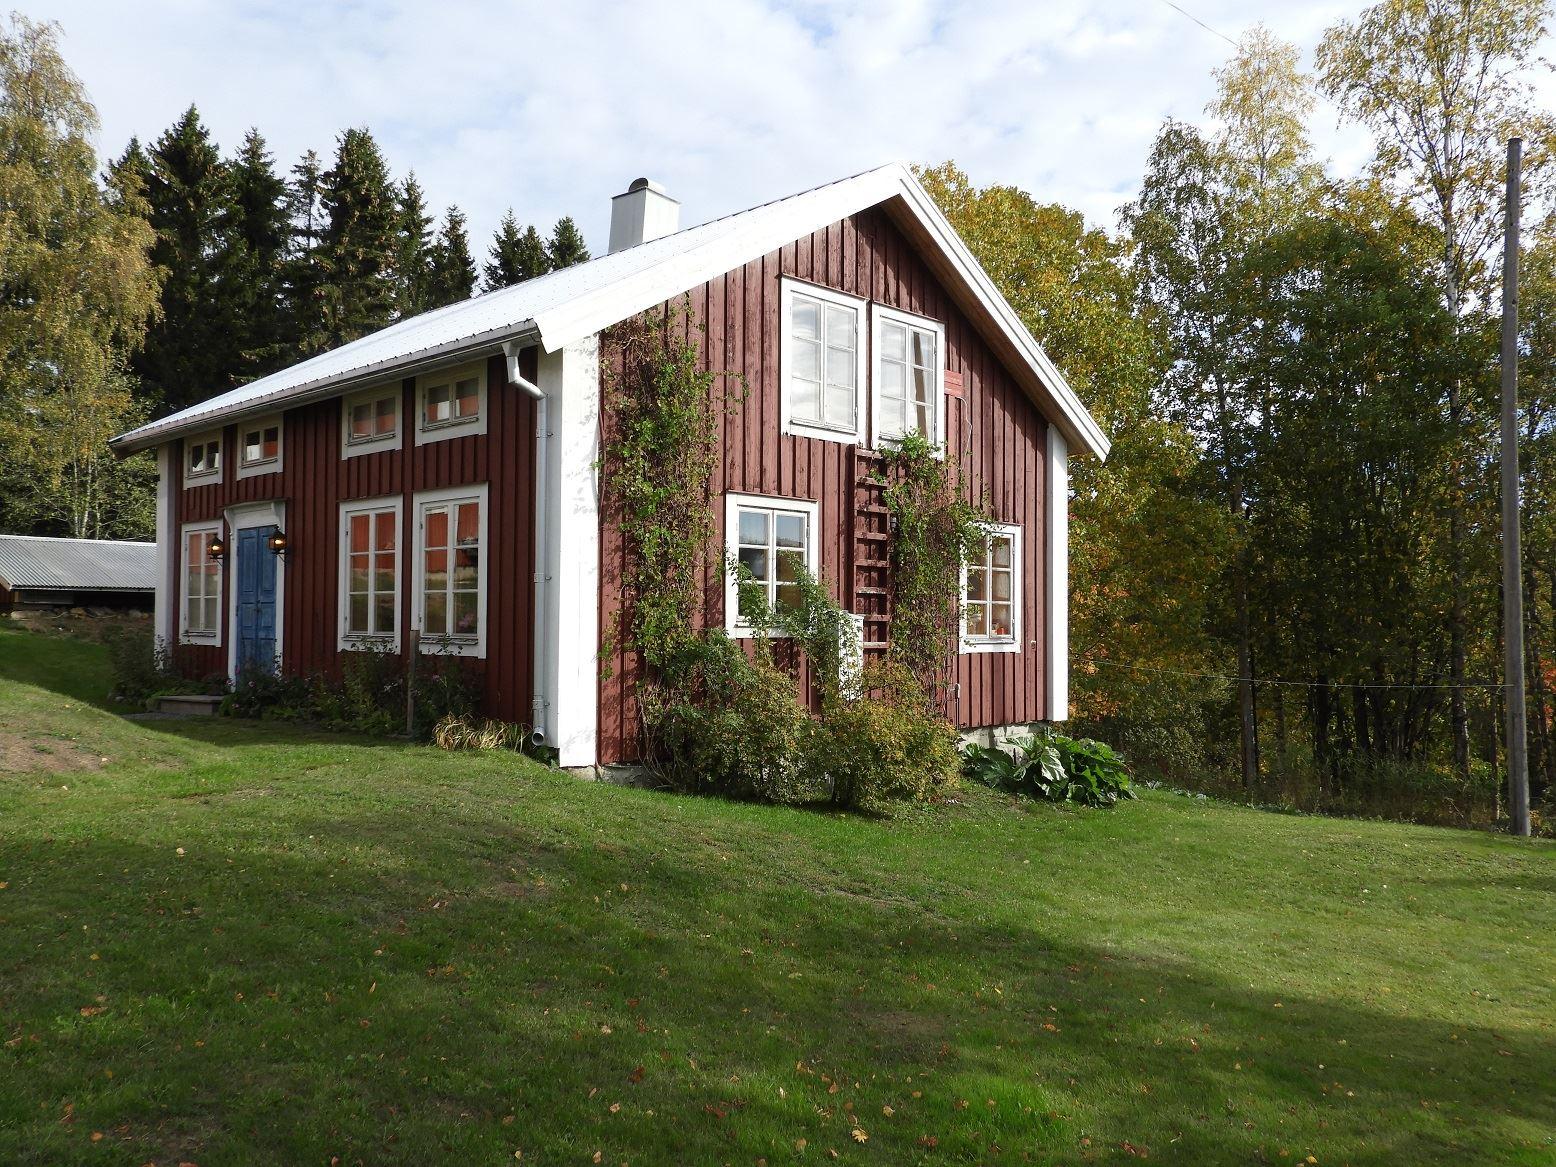 Pelle Åbergsgården